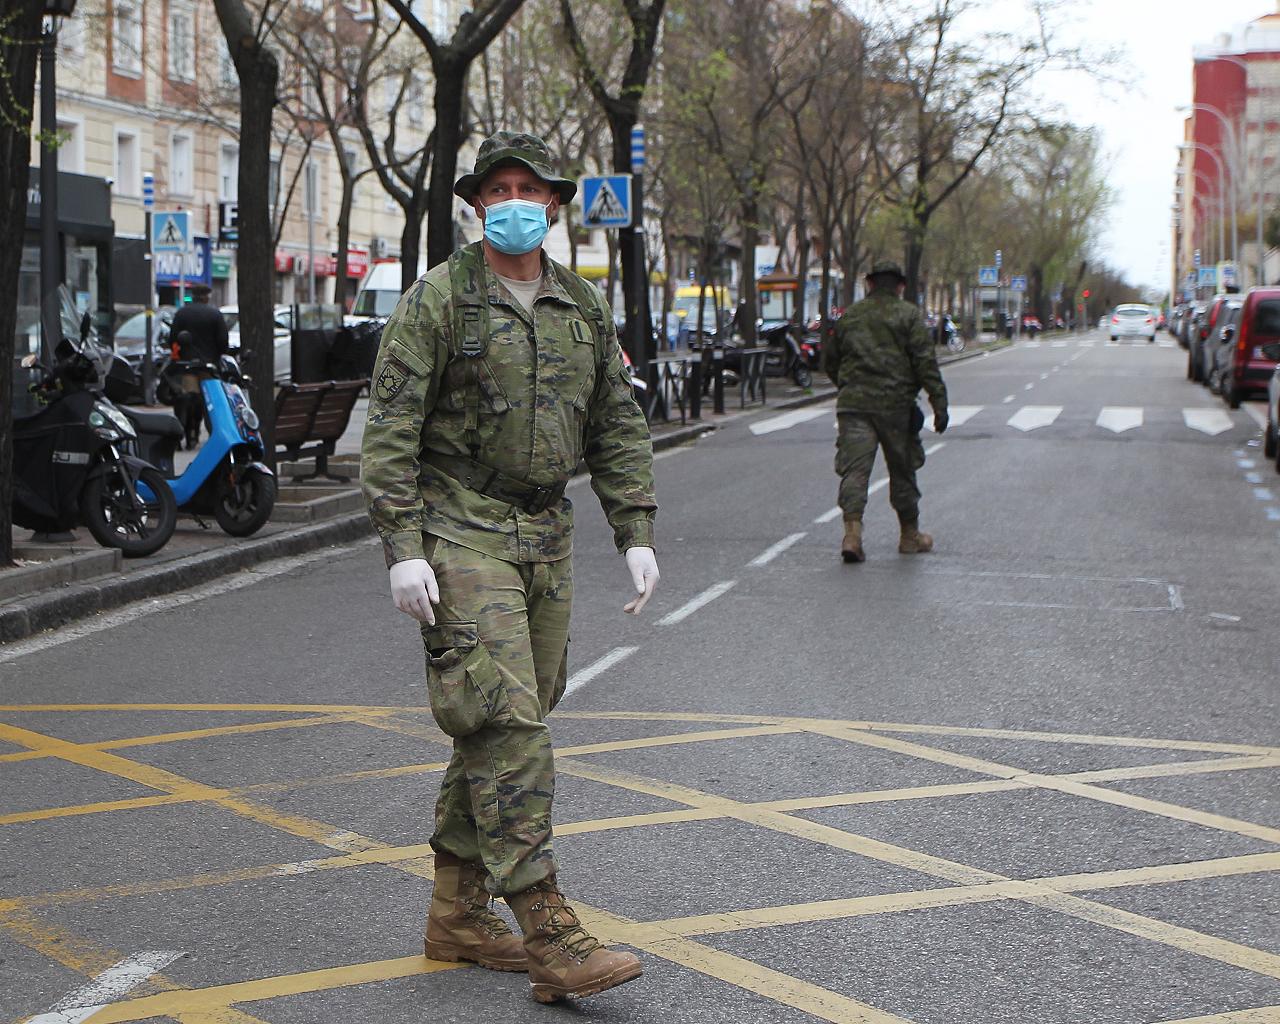 Despliegue de personal del Ejército. Madrid. 30/03/2020.